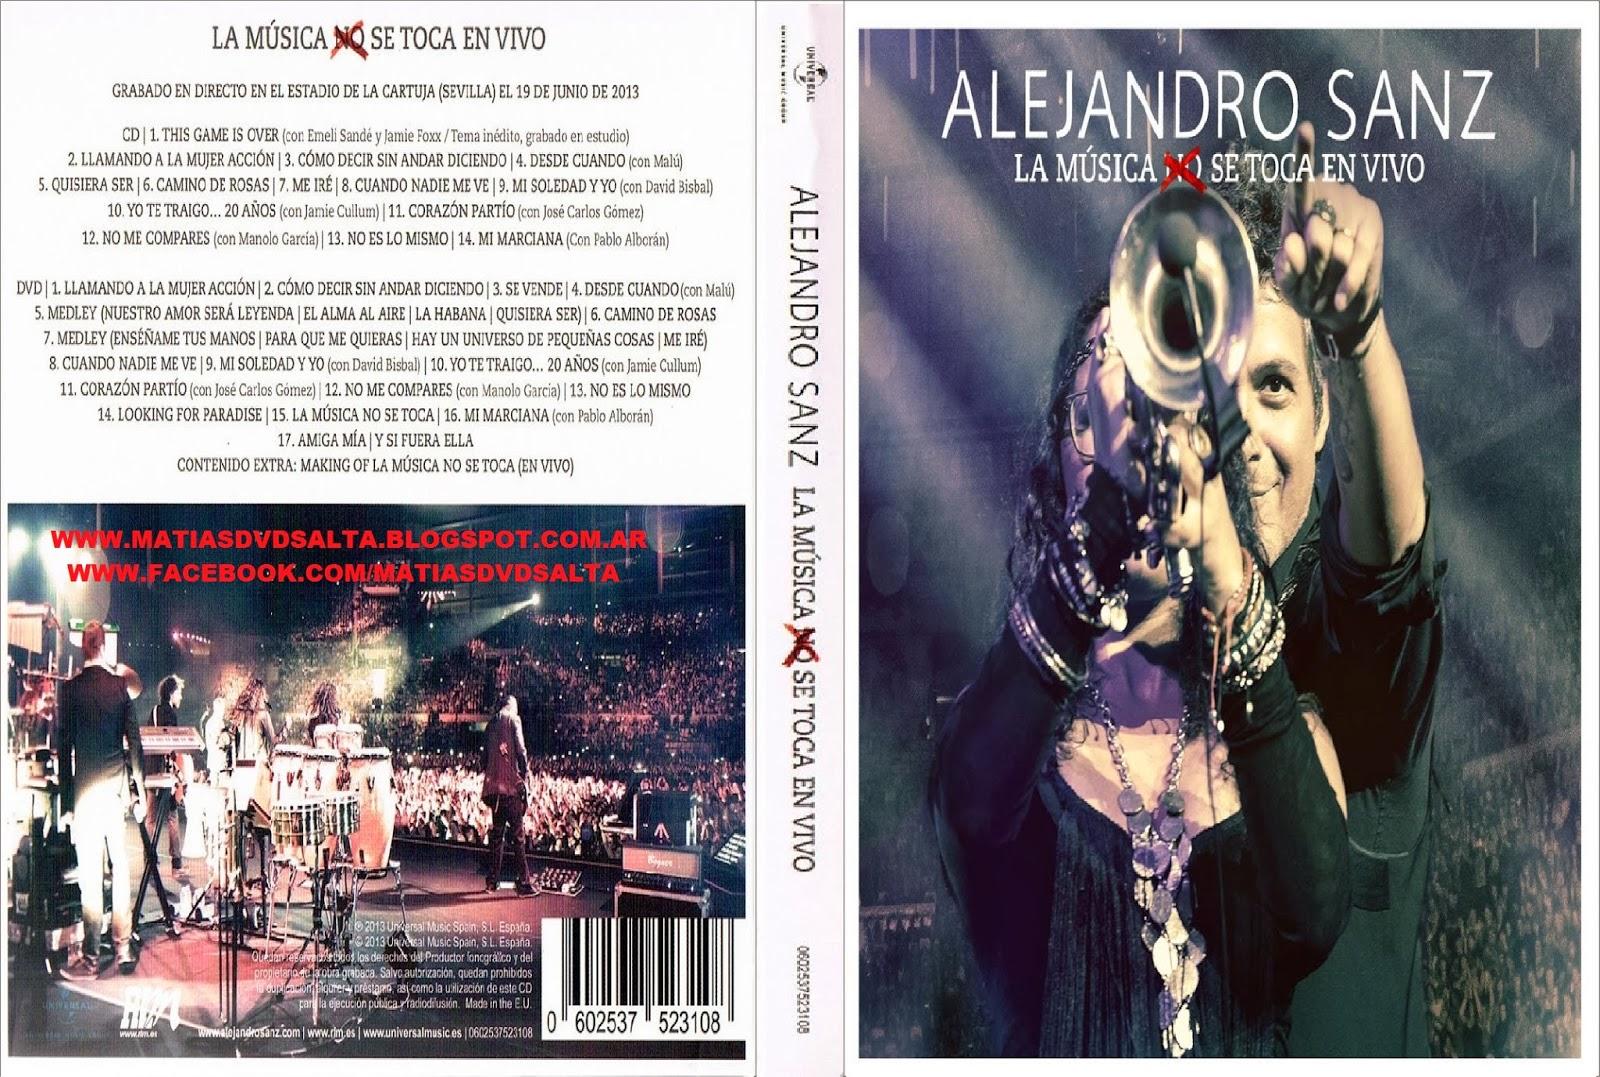 Alejandro Sanz - La Música No Se Toca (En Vivo)